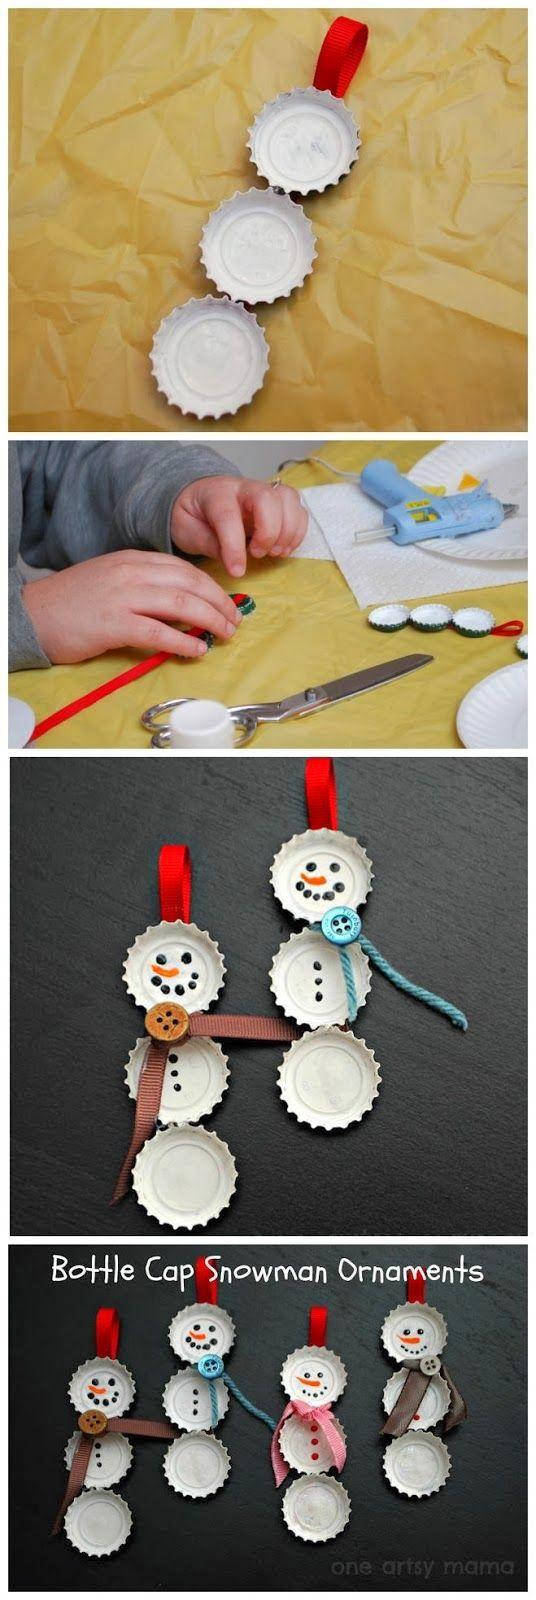 Muito bacana este artesanato de boneco de neve feito com tampinha de garrafas para encantar o seu natal! Visite nosso site que está intermediando sonhos no Natal! cartinhaaopapainoel.com.br Bottle Cap Snowman Ornaments